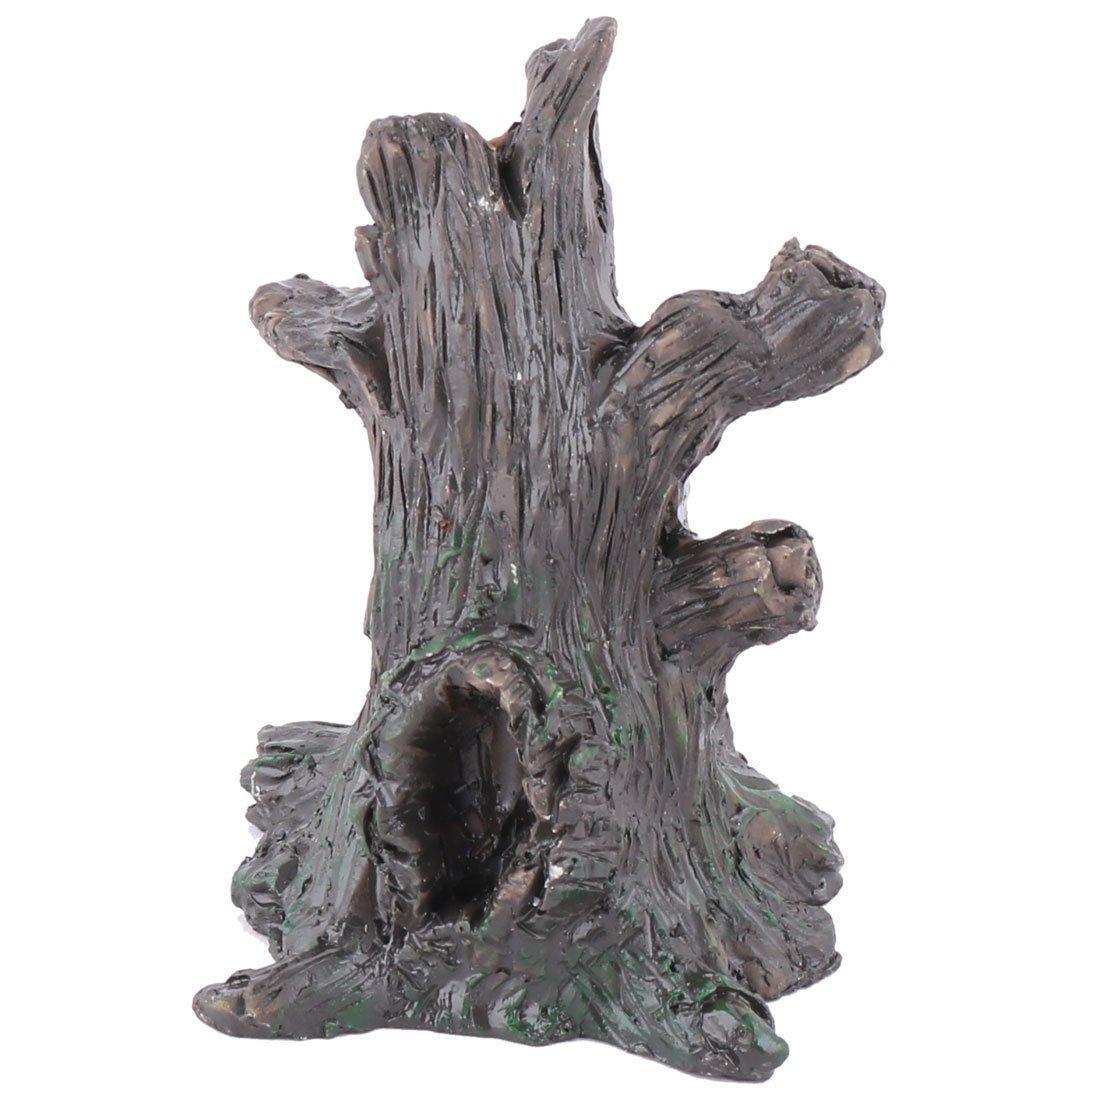 Amazon.com: eDealMax Resina Family Office en huecos de árboles Diseño DIY Mesa de escritorio paisaje de la decoración Modelo: Home & Kitchen